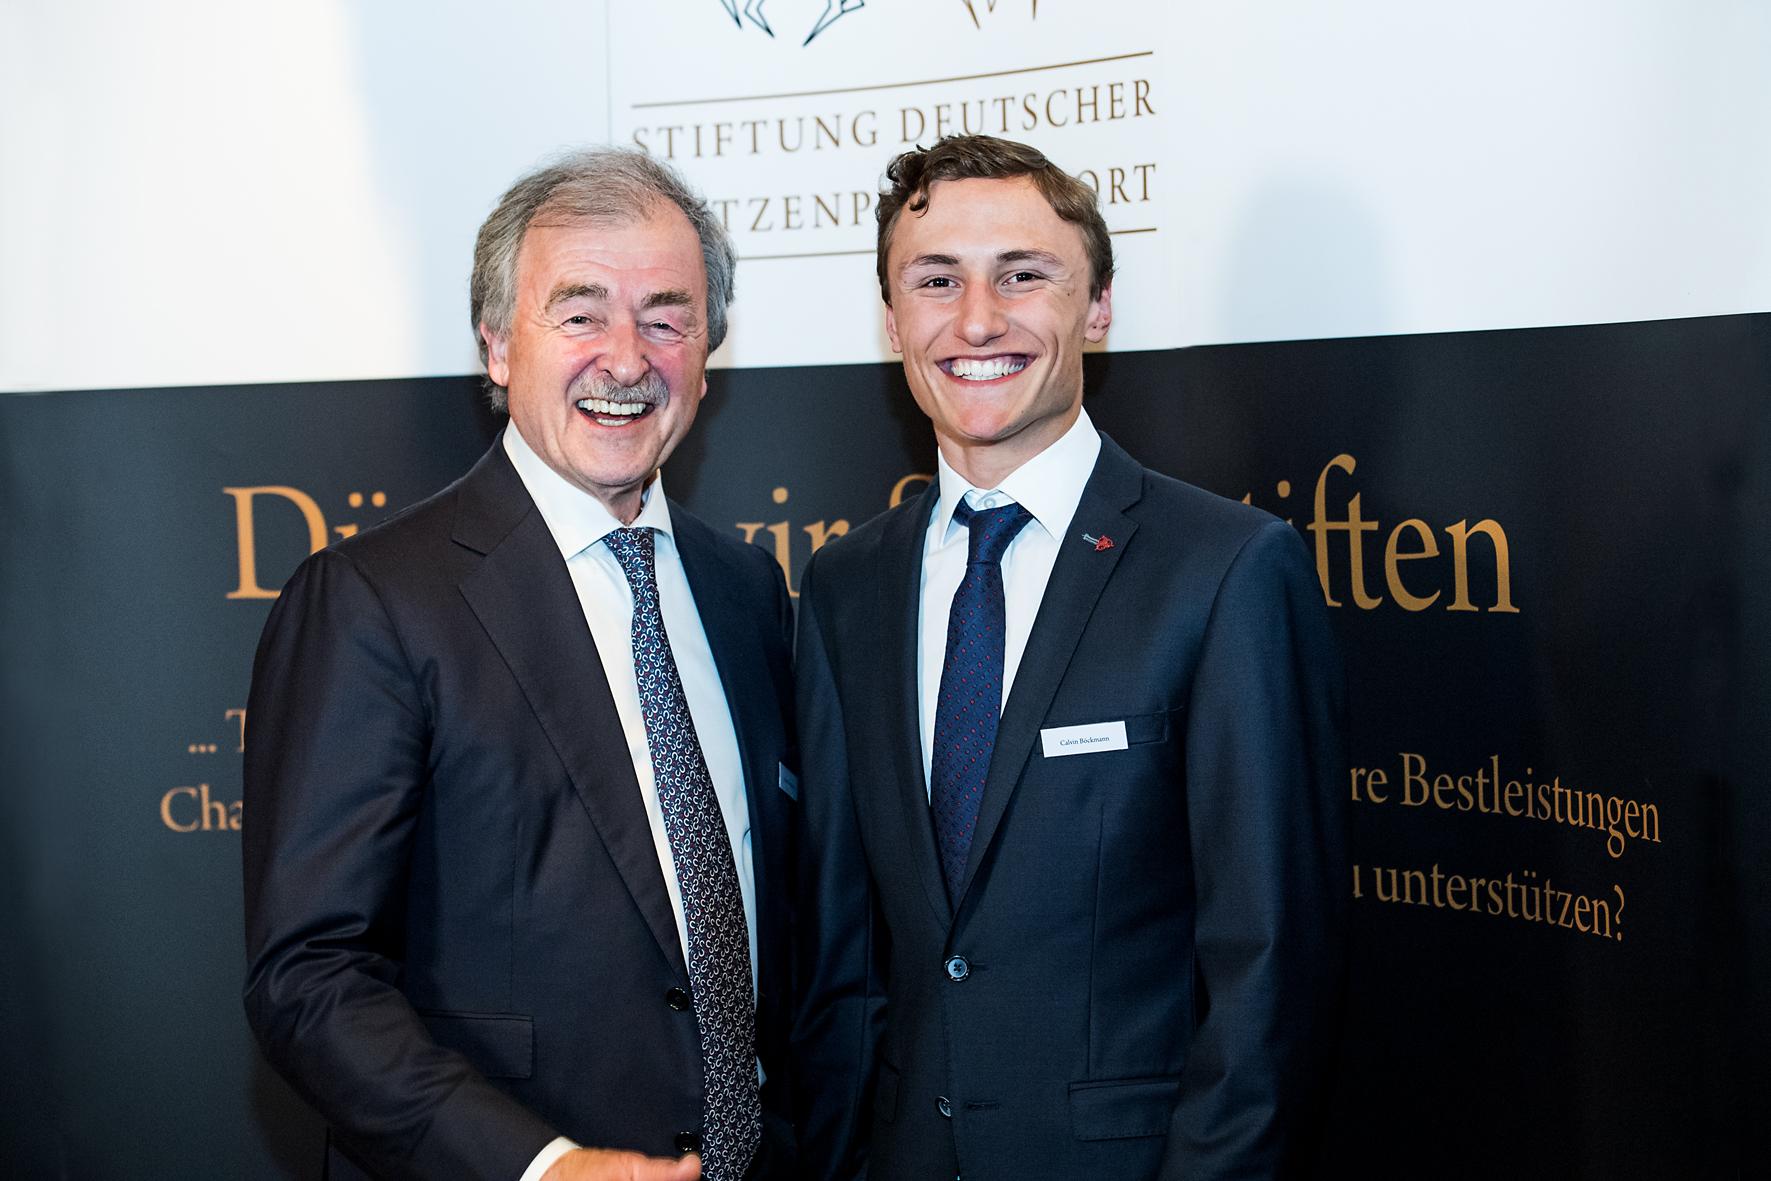 Calvin Böckmann mit Sonderpatenschaft ausgezeichnet